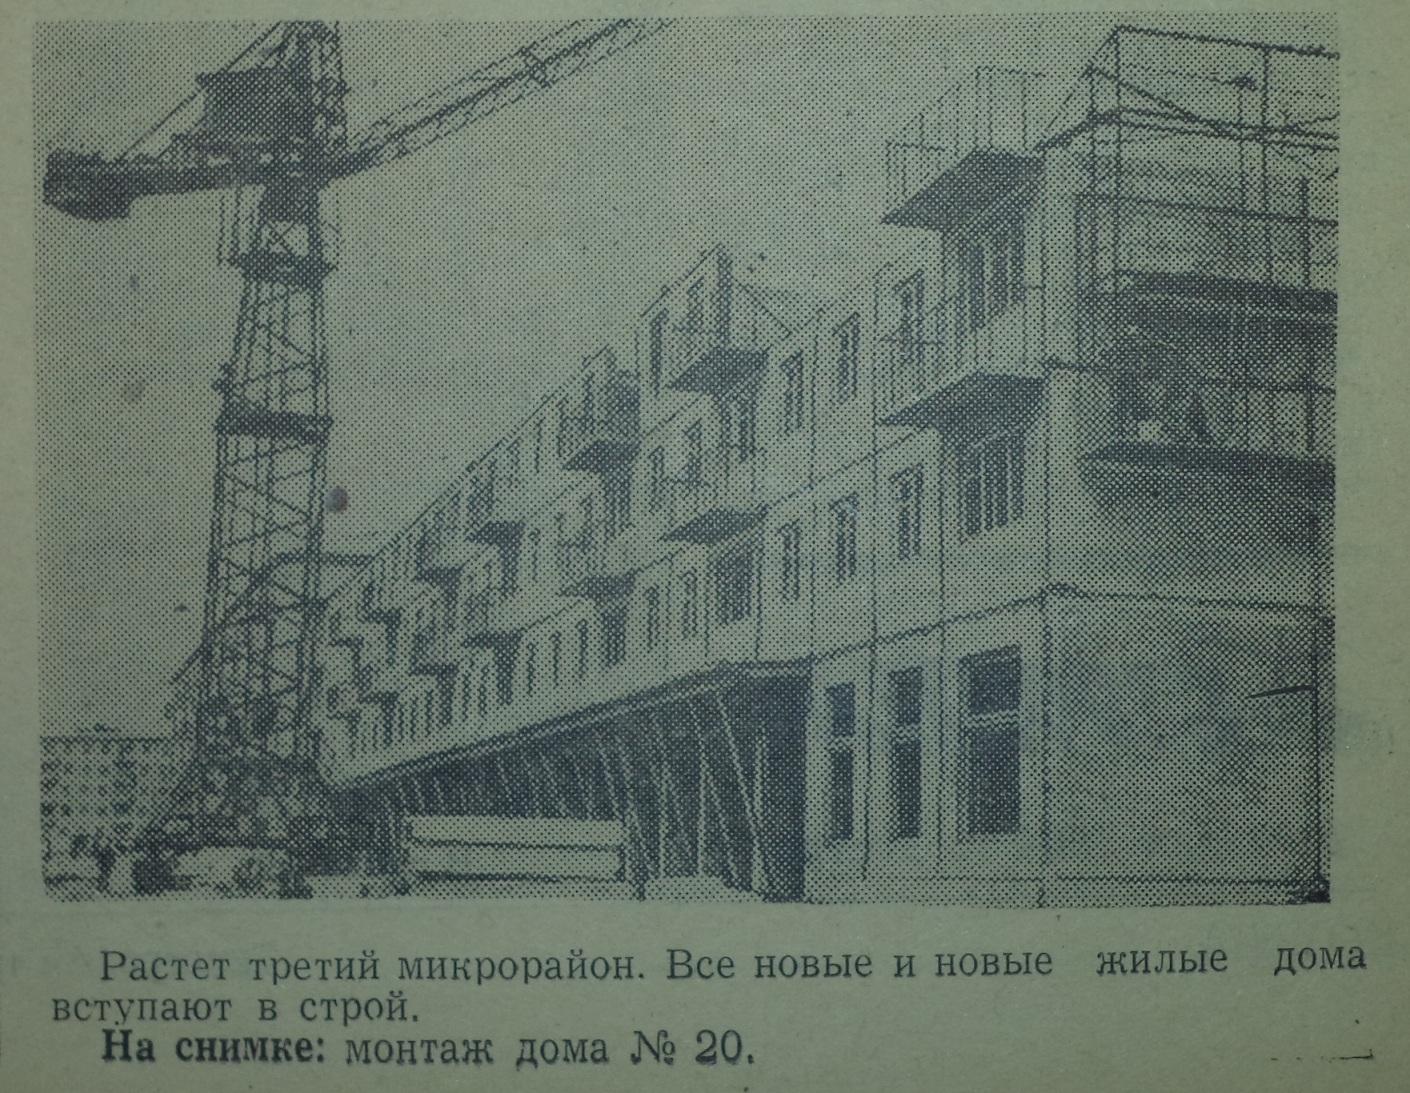 Партизанская-ФОТО-20-Строитель-1964-31 июля